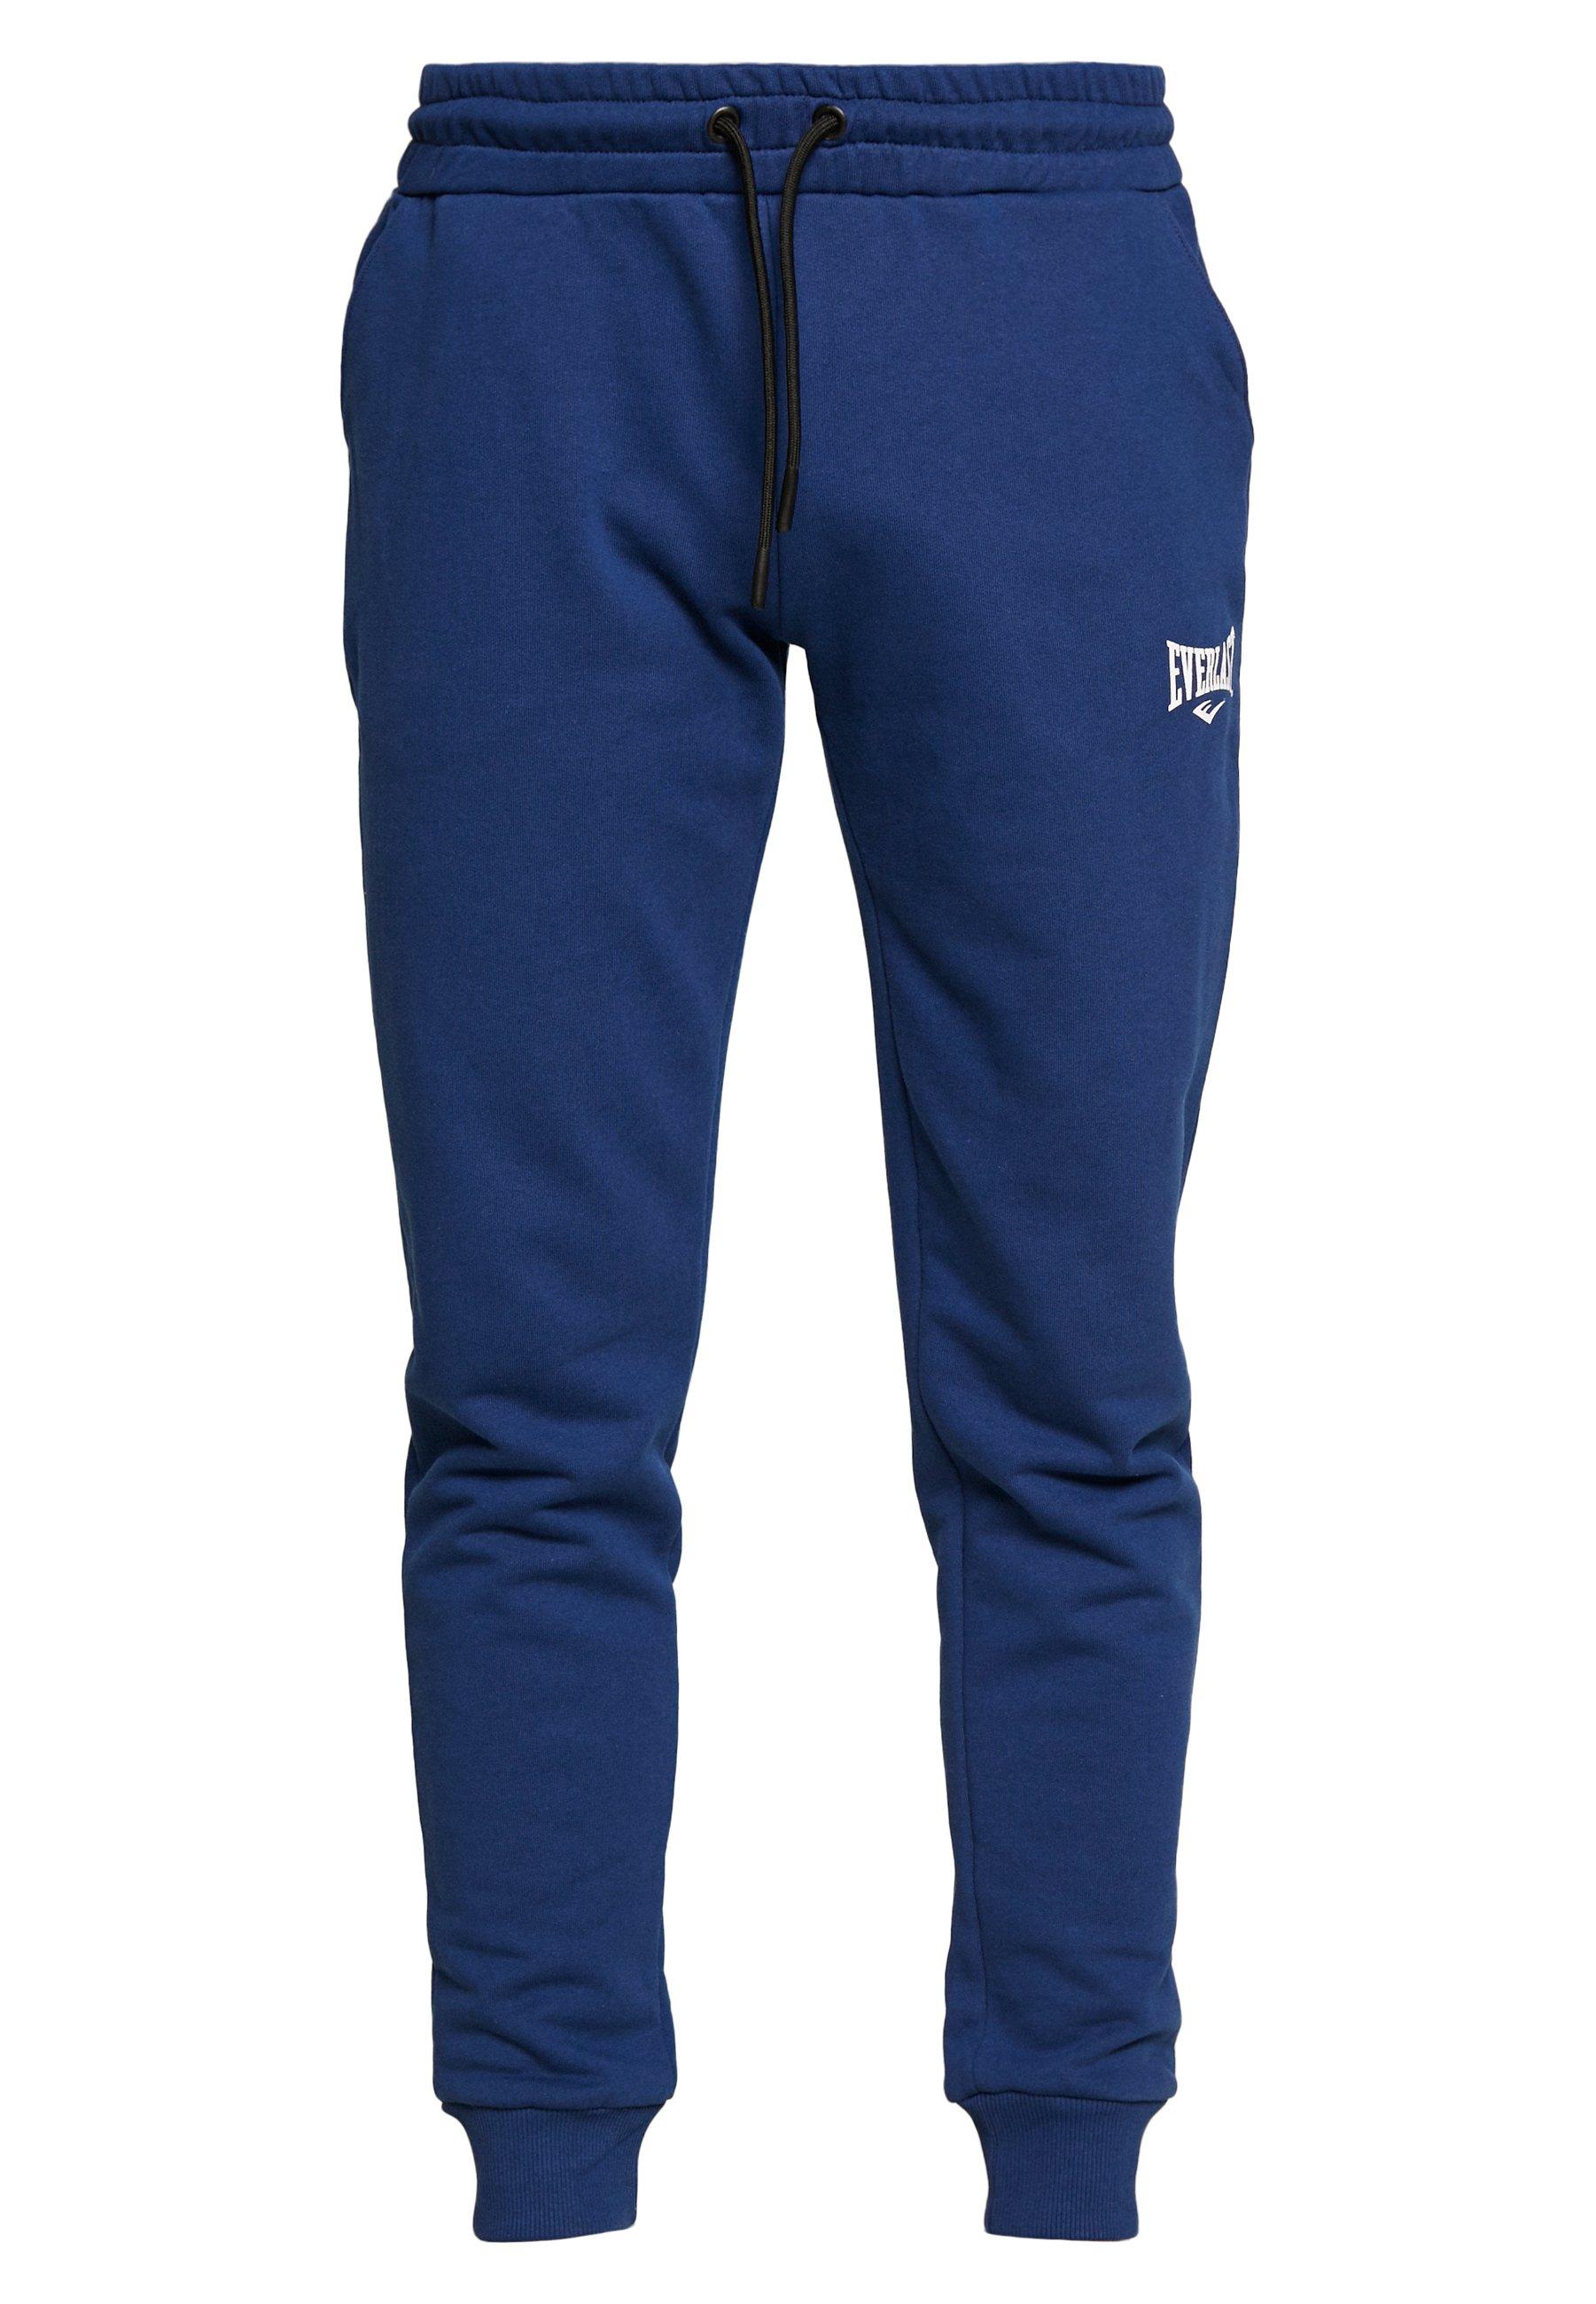 Everlast Pep - Pantalon De Survêtement Navy